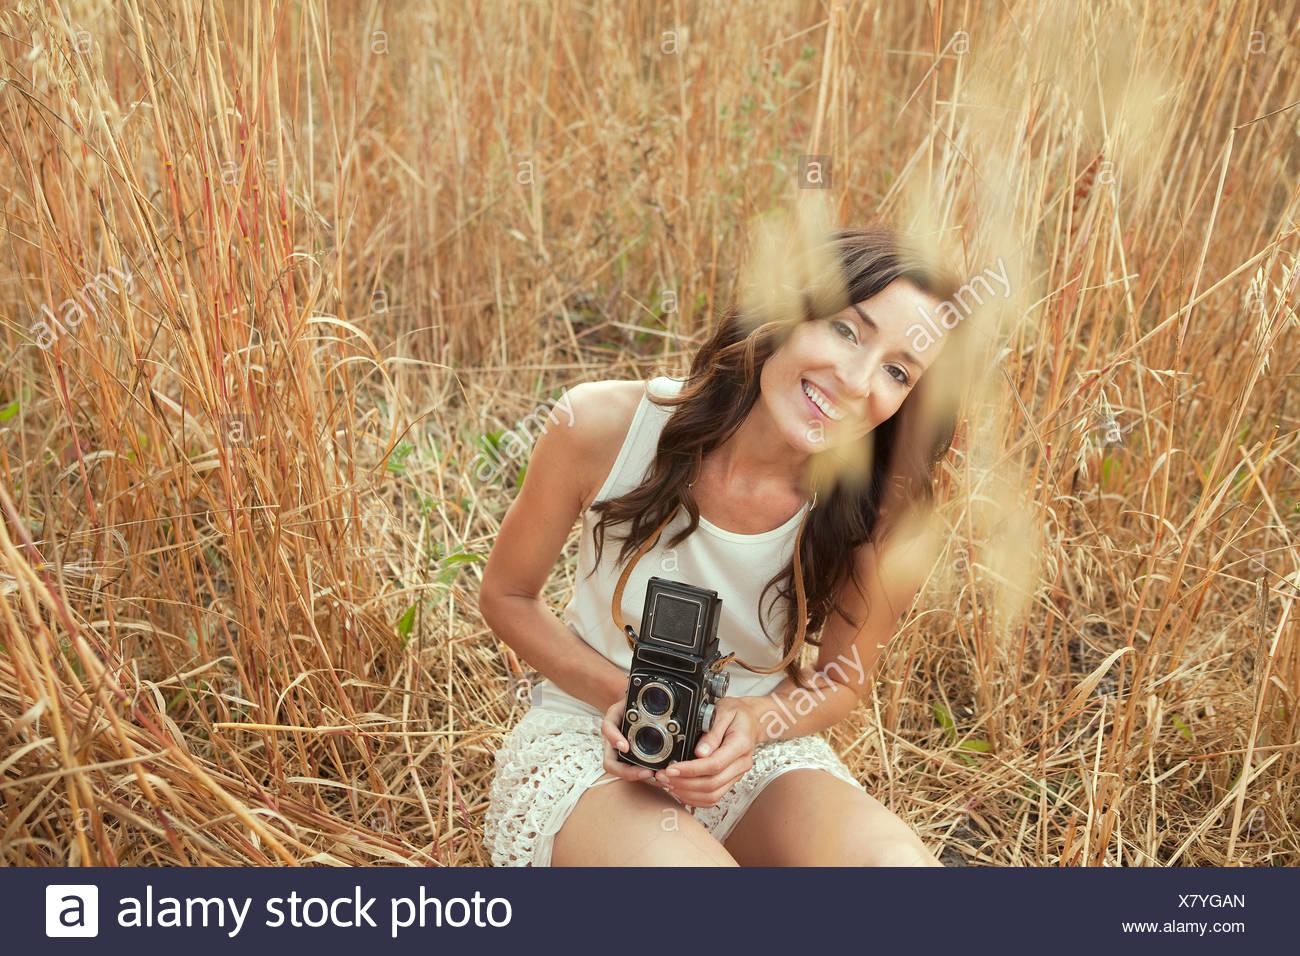 La mujer en el campo sujetando la cámara a la vieja usanza Imagen De Stock